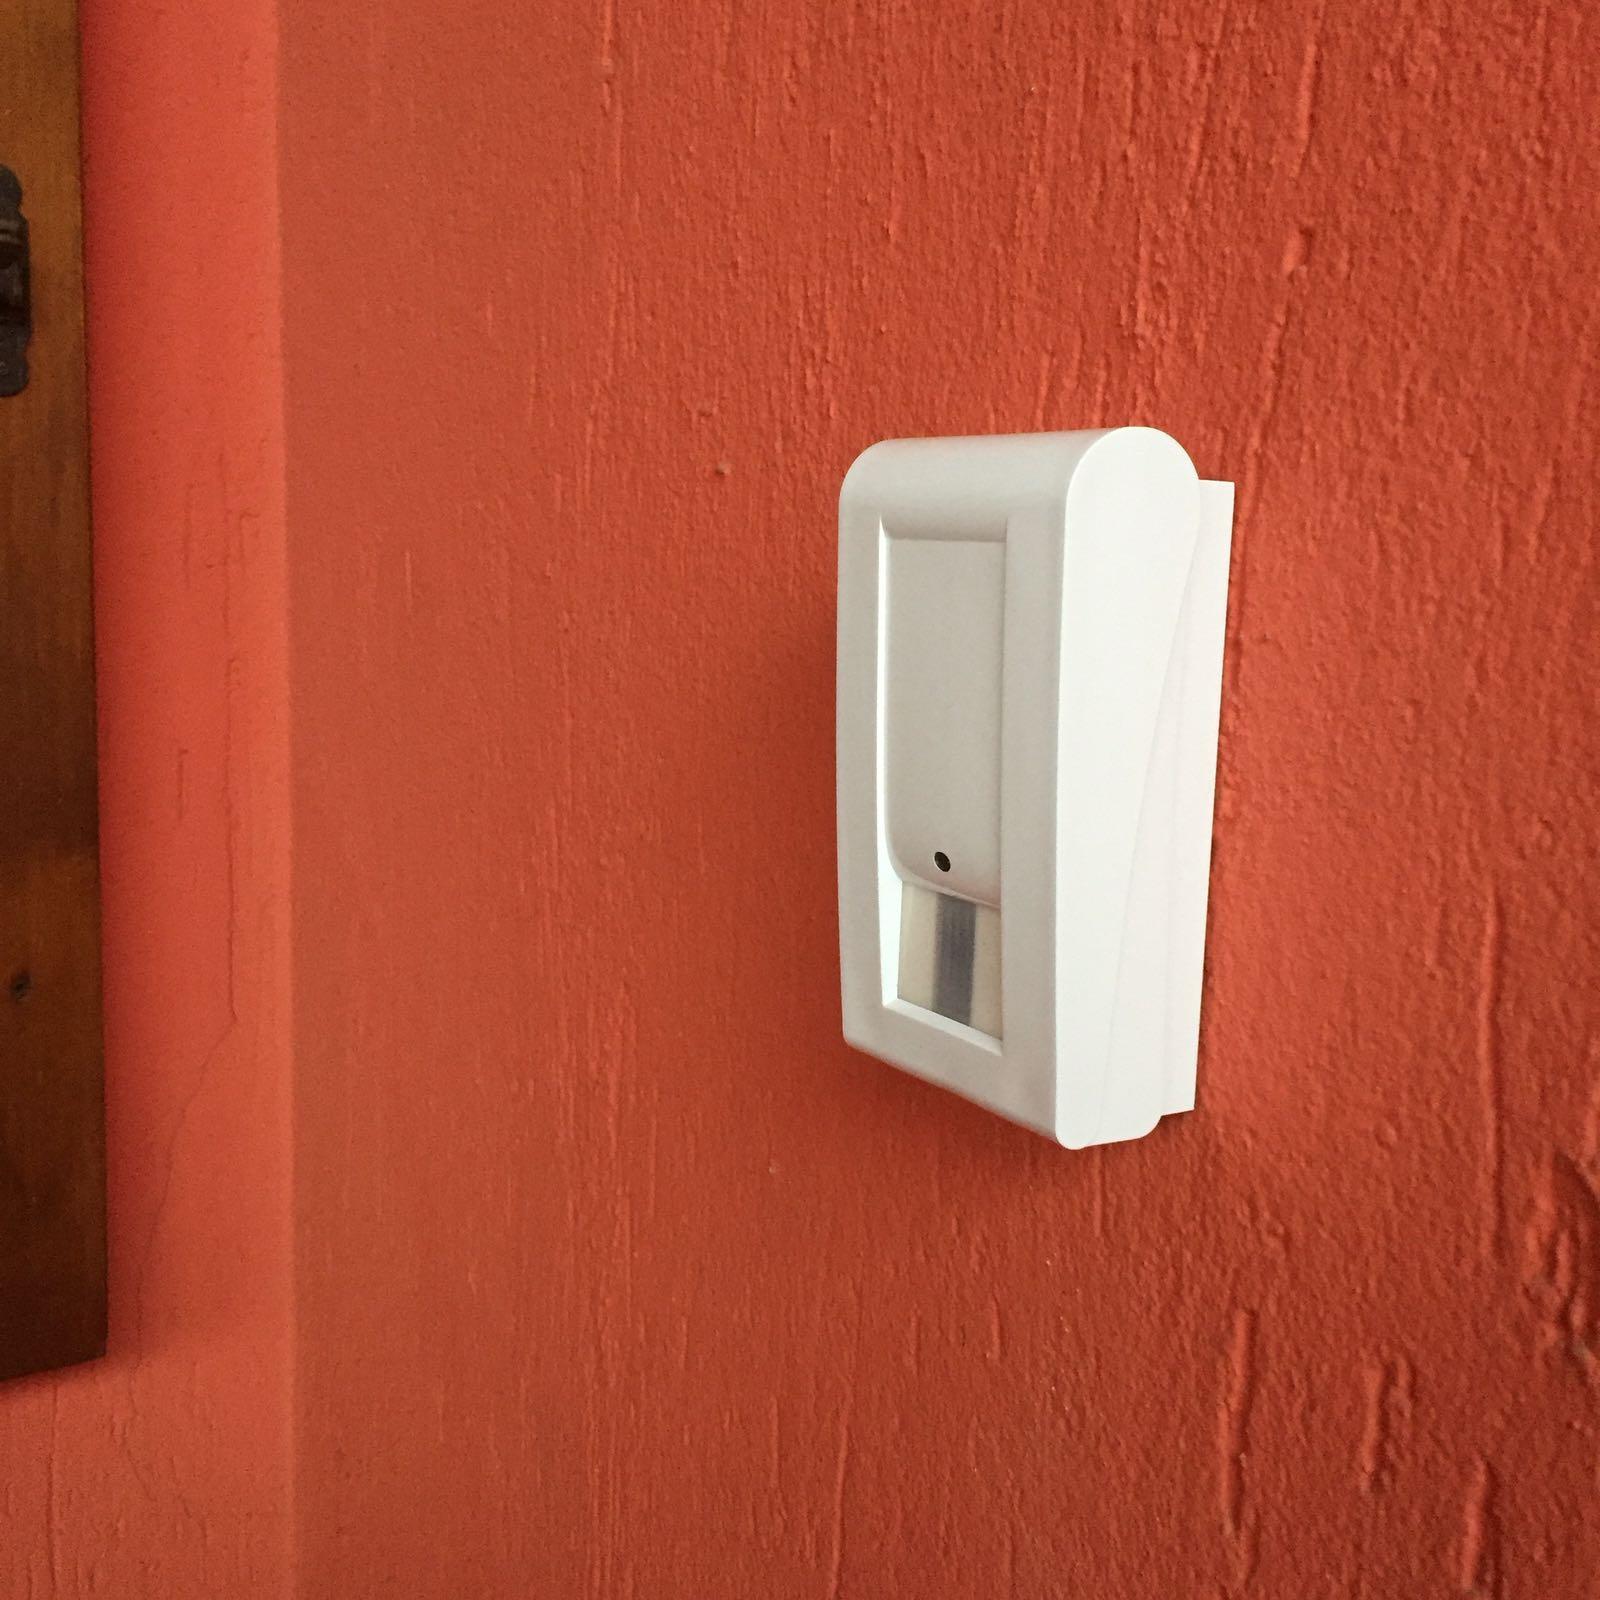 Allarme casa impianto di sicurezza sensore perimetrale falcoalarm - Impianto allarme casa prezzi ...